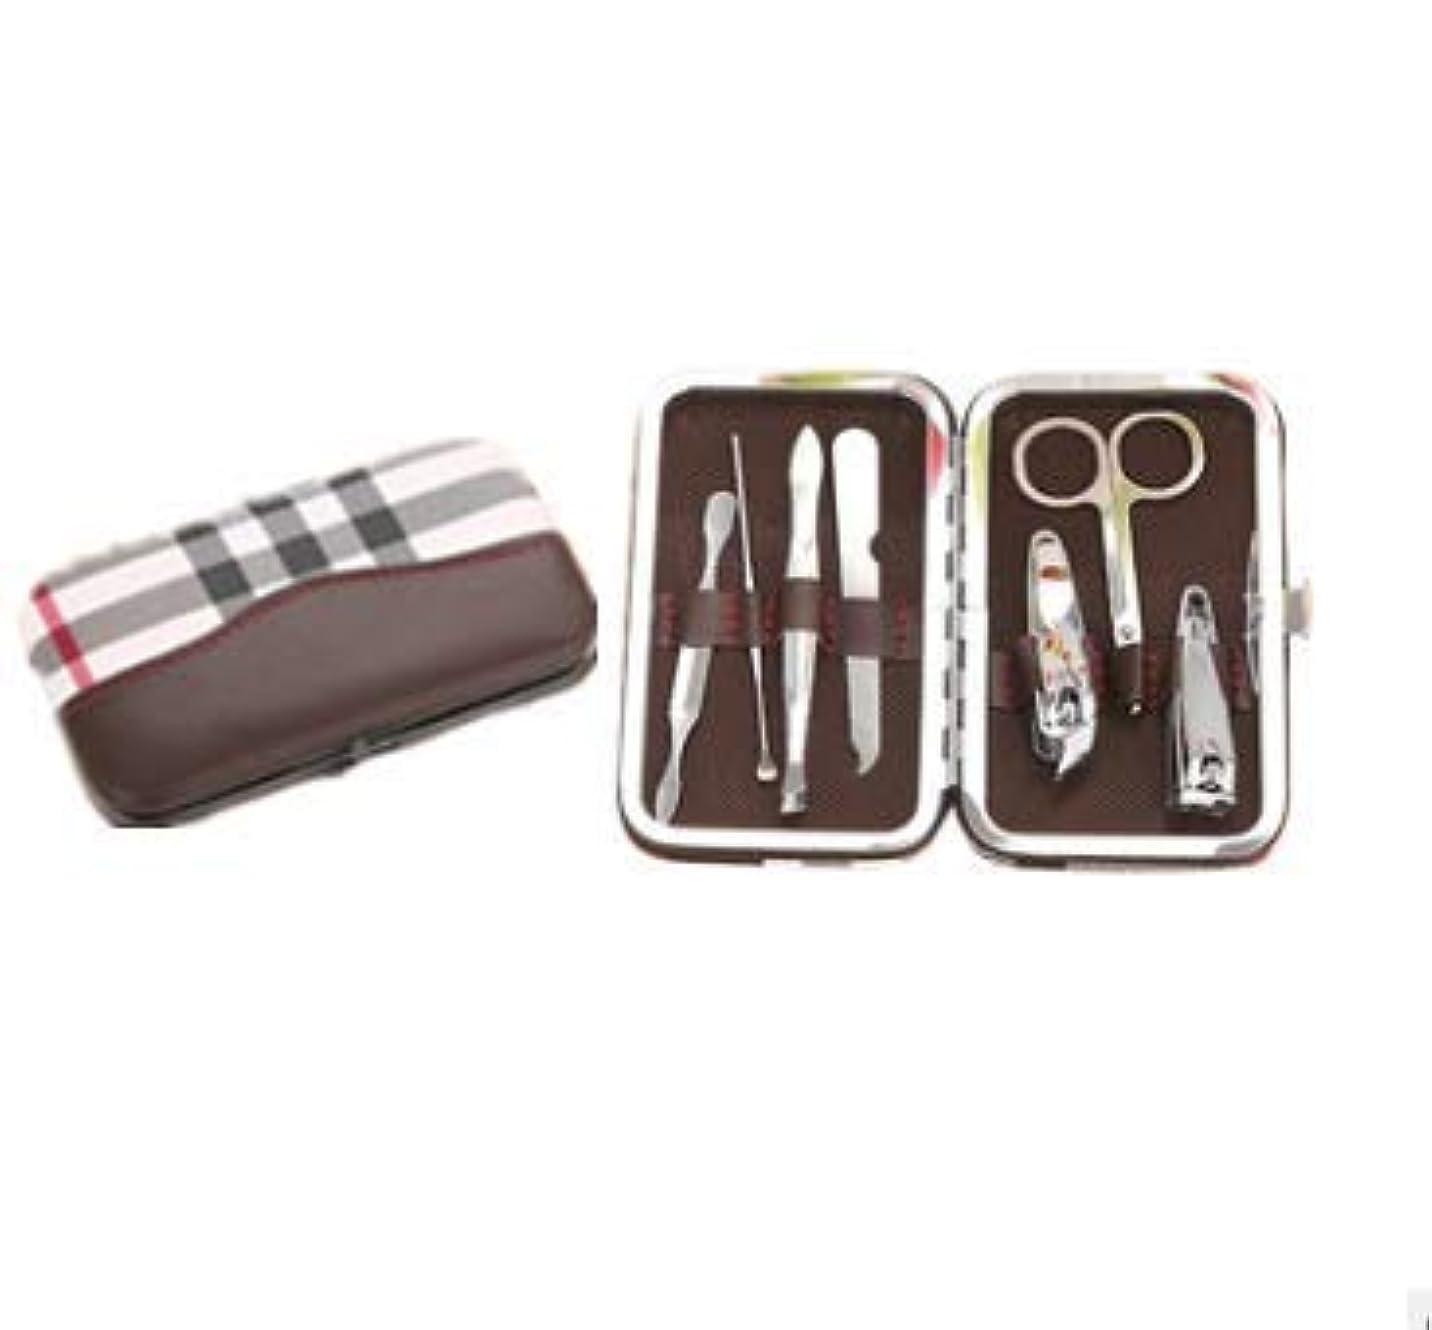 爪切り 高級 鋼製 手足用 爪切り 爪やすり 金属ケース付き 旅行 ギフト 出張 便利グッズ 家庭用品 (ブラウン)